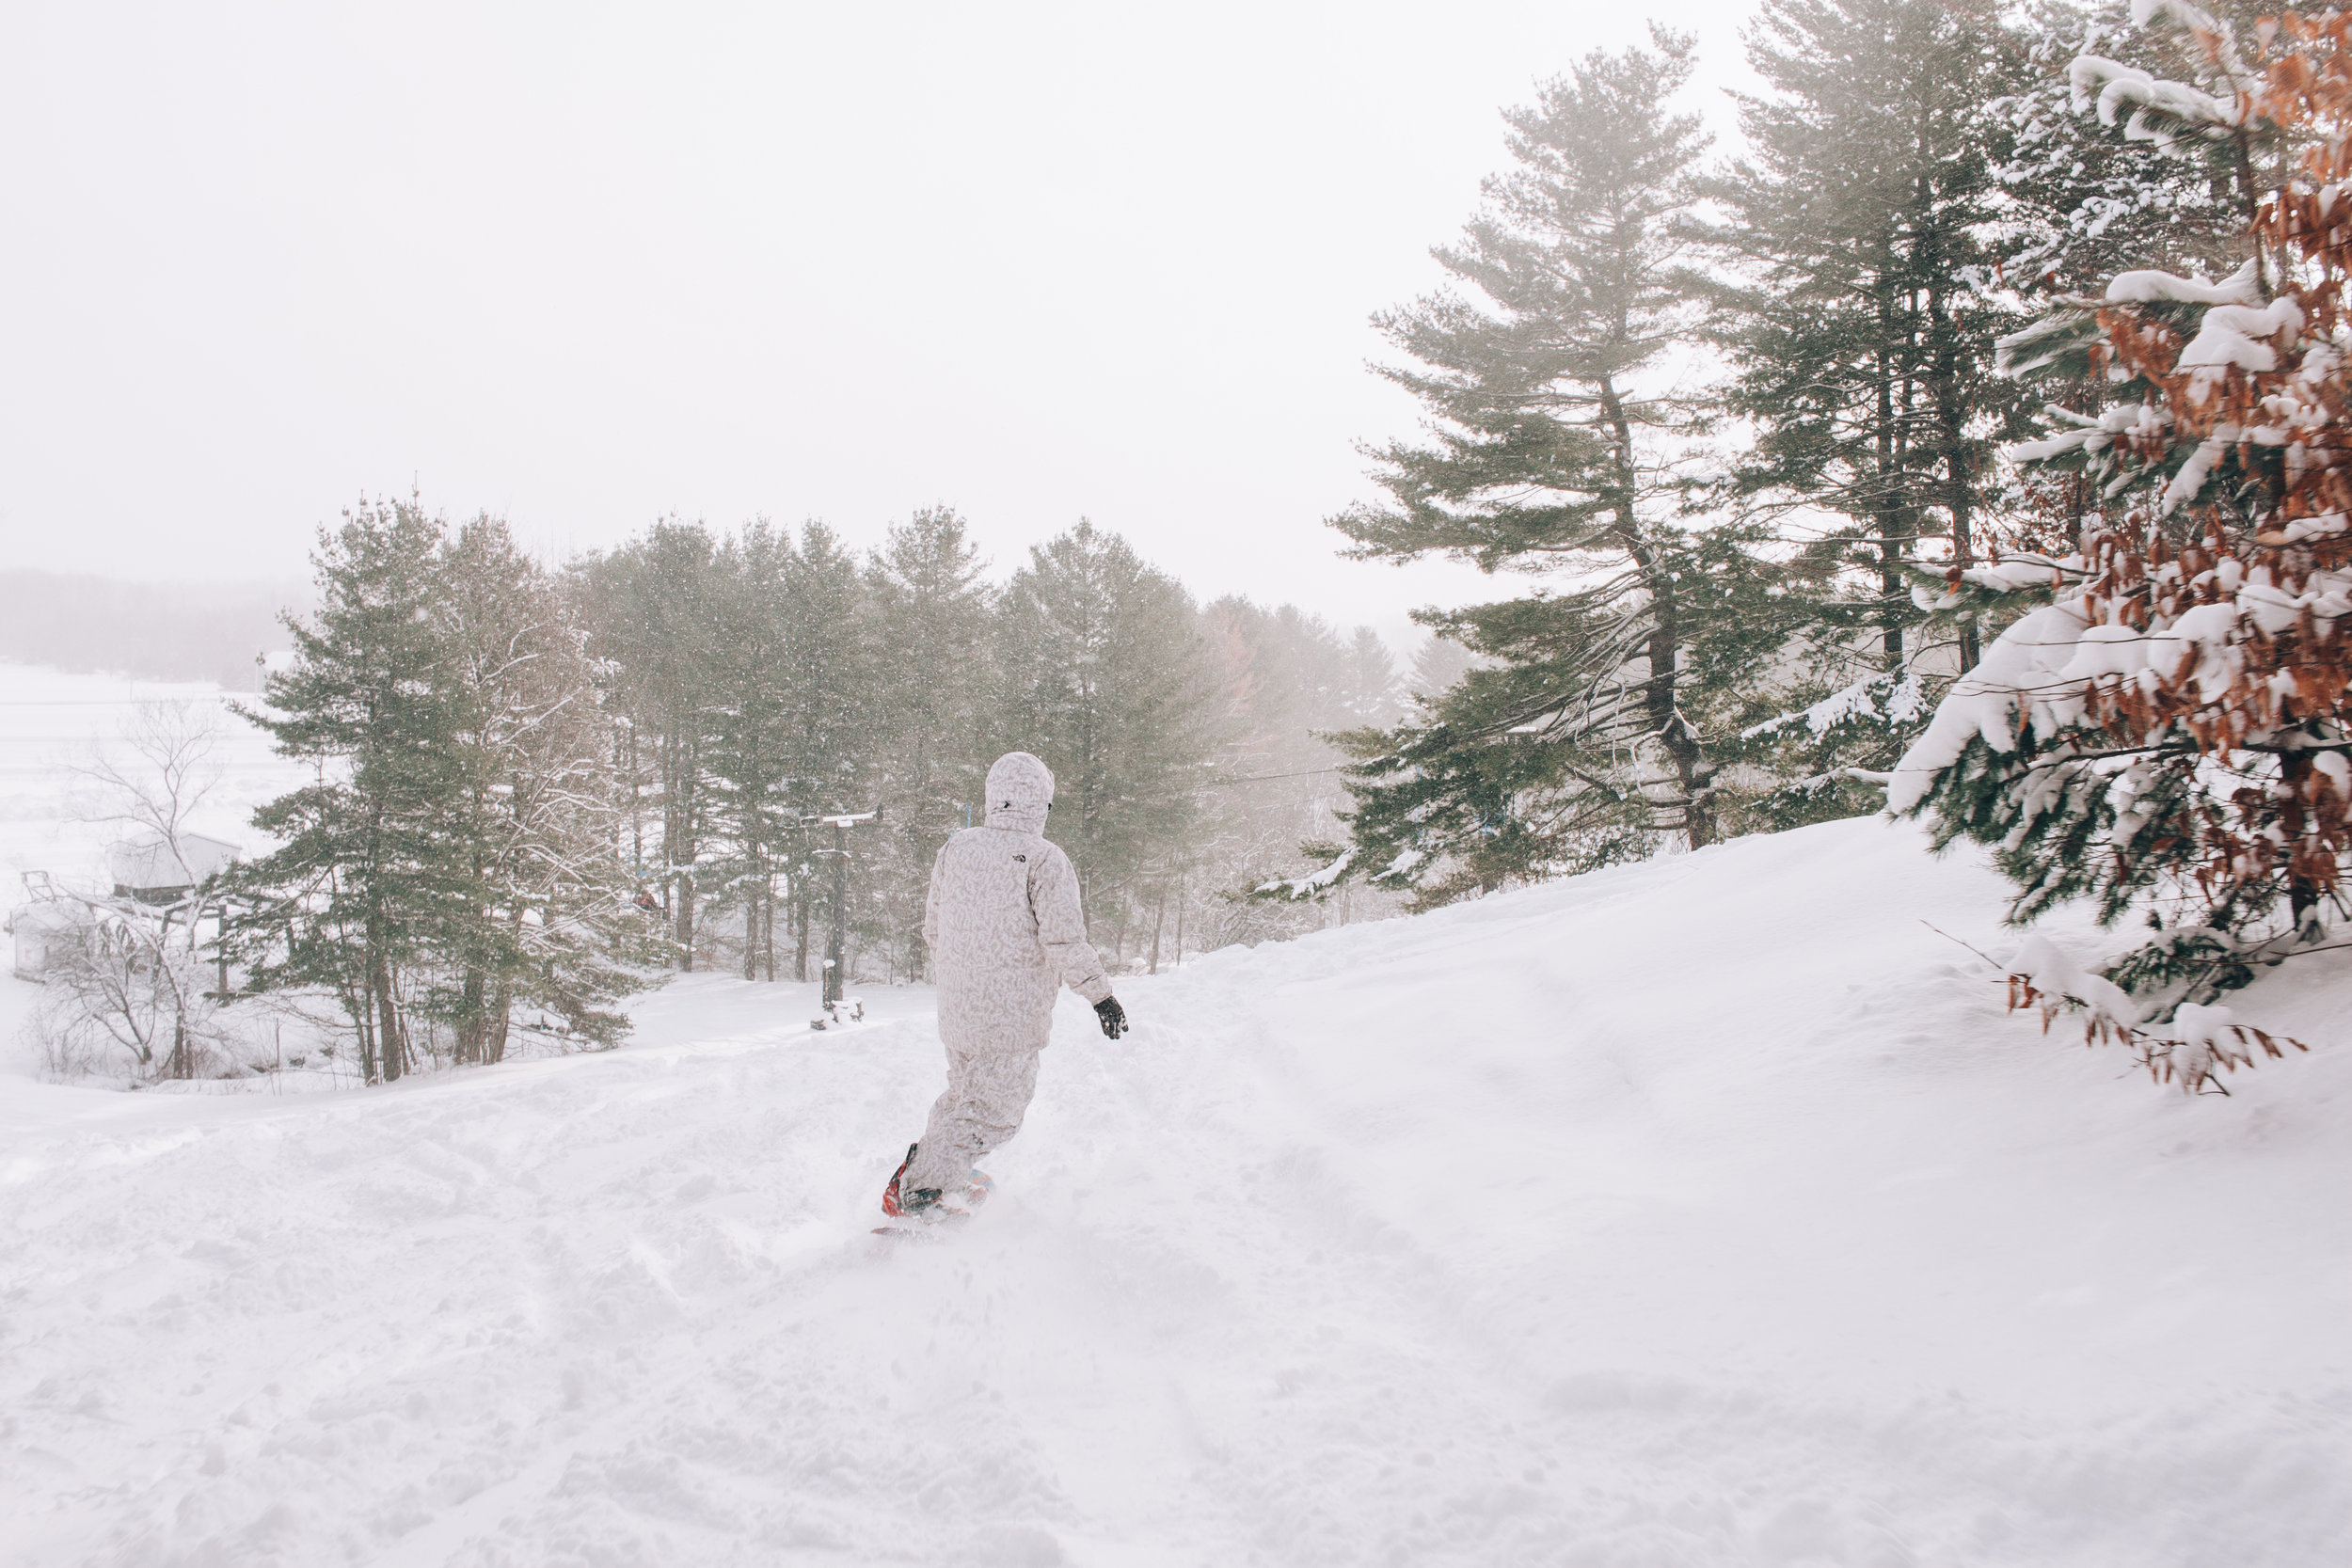 Marin_Snowboarder_at_Snow_Ridge_Turin_Upstate_NY